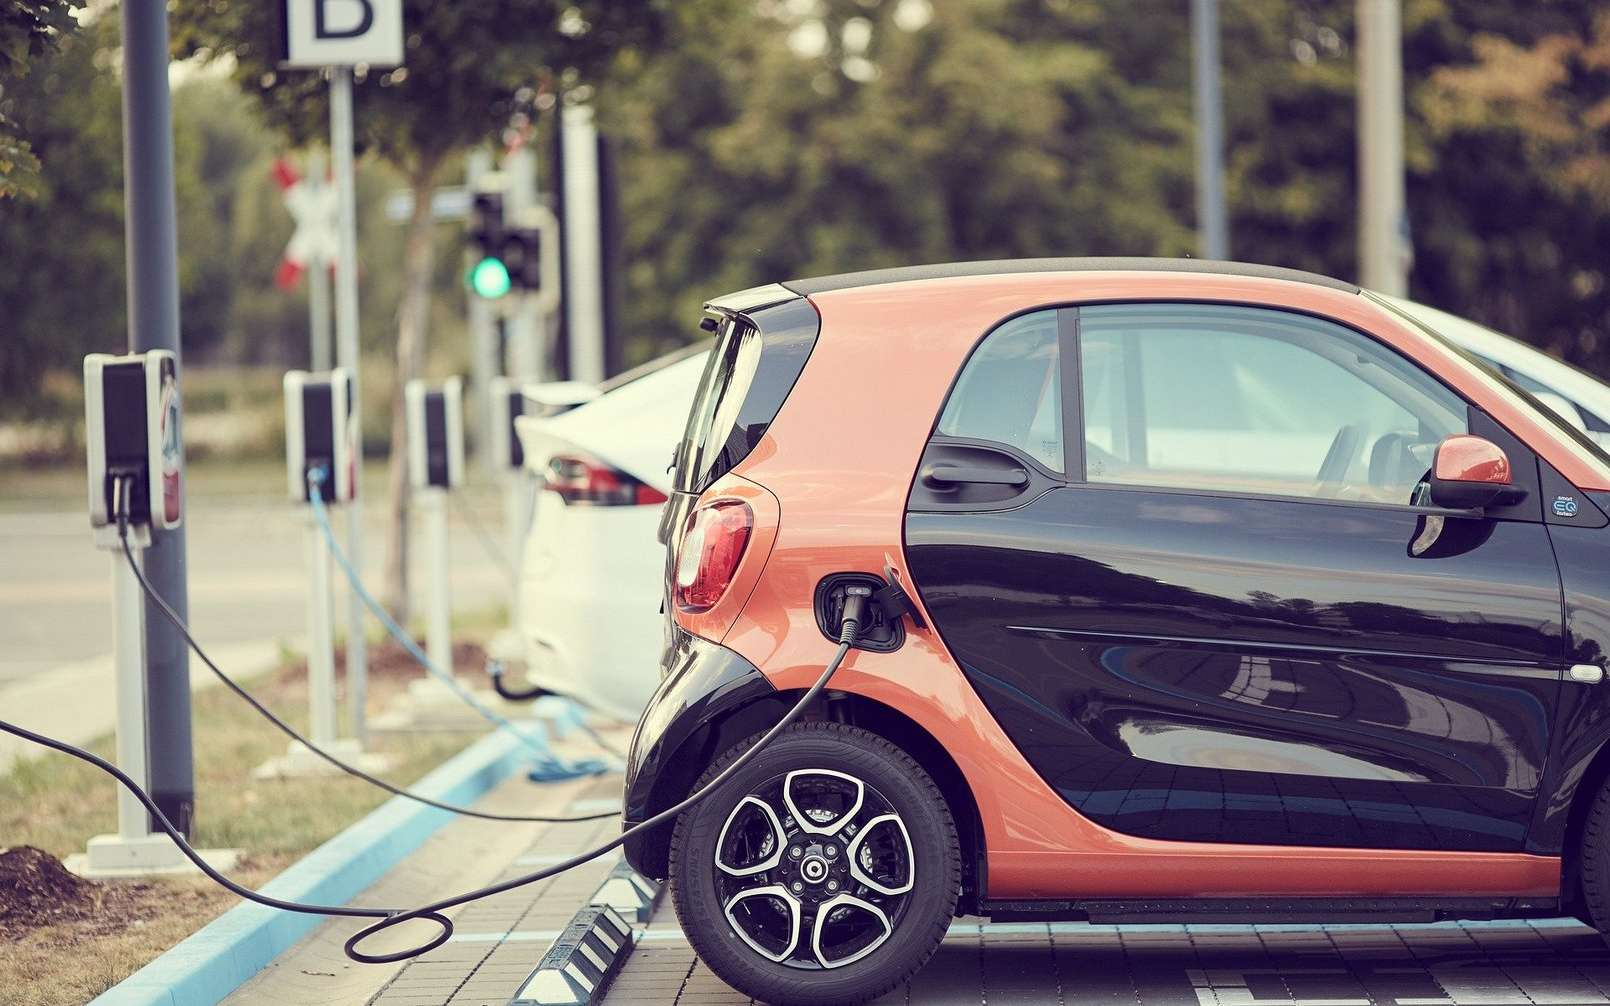 Le gouvernement accélère sur le réseau de recharge pour les voitures électriques. © Andreas160578/Pixabay